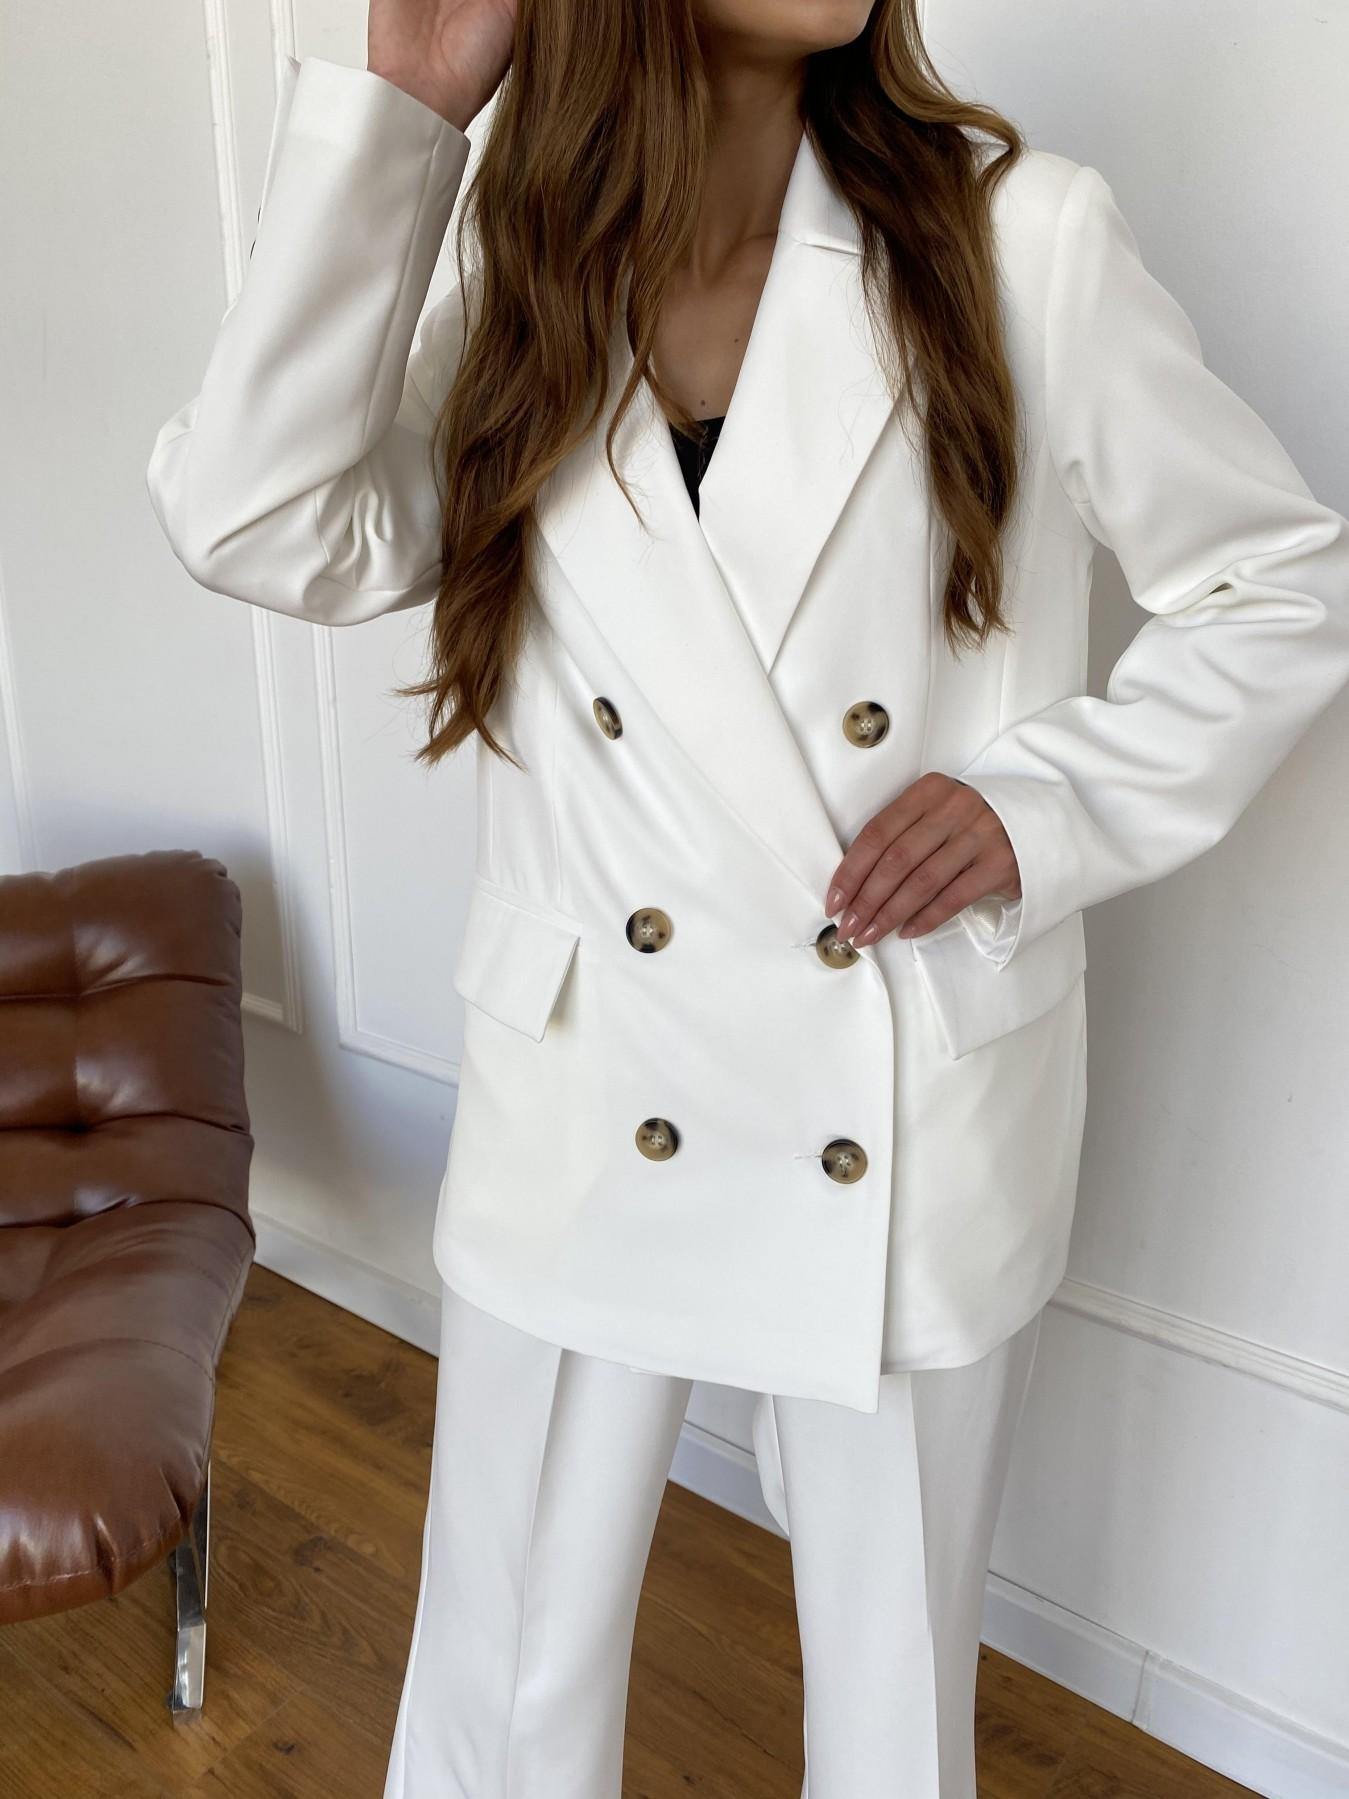 Белисимо  костюм стрейч из костюмной ткани 11217 АРТ. 47899 Цвет: Молоко 1 - фото 3, интернет магазин tm-modus.ru